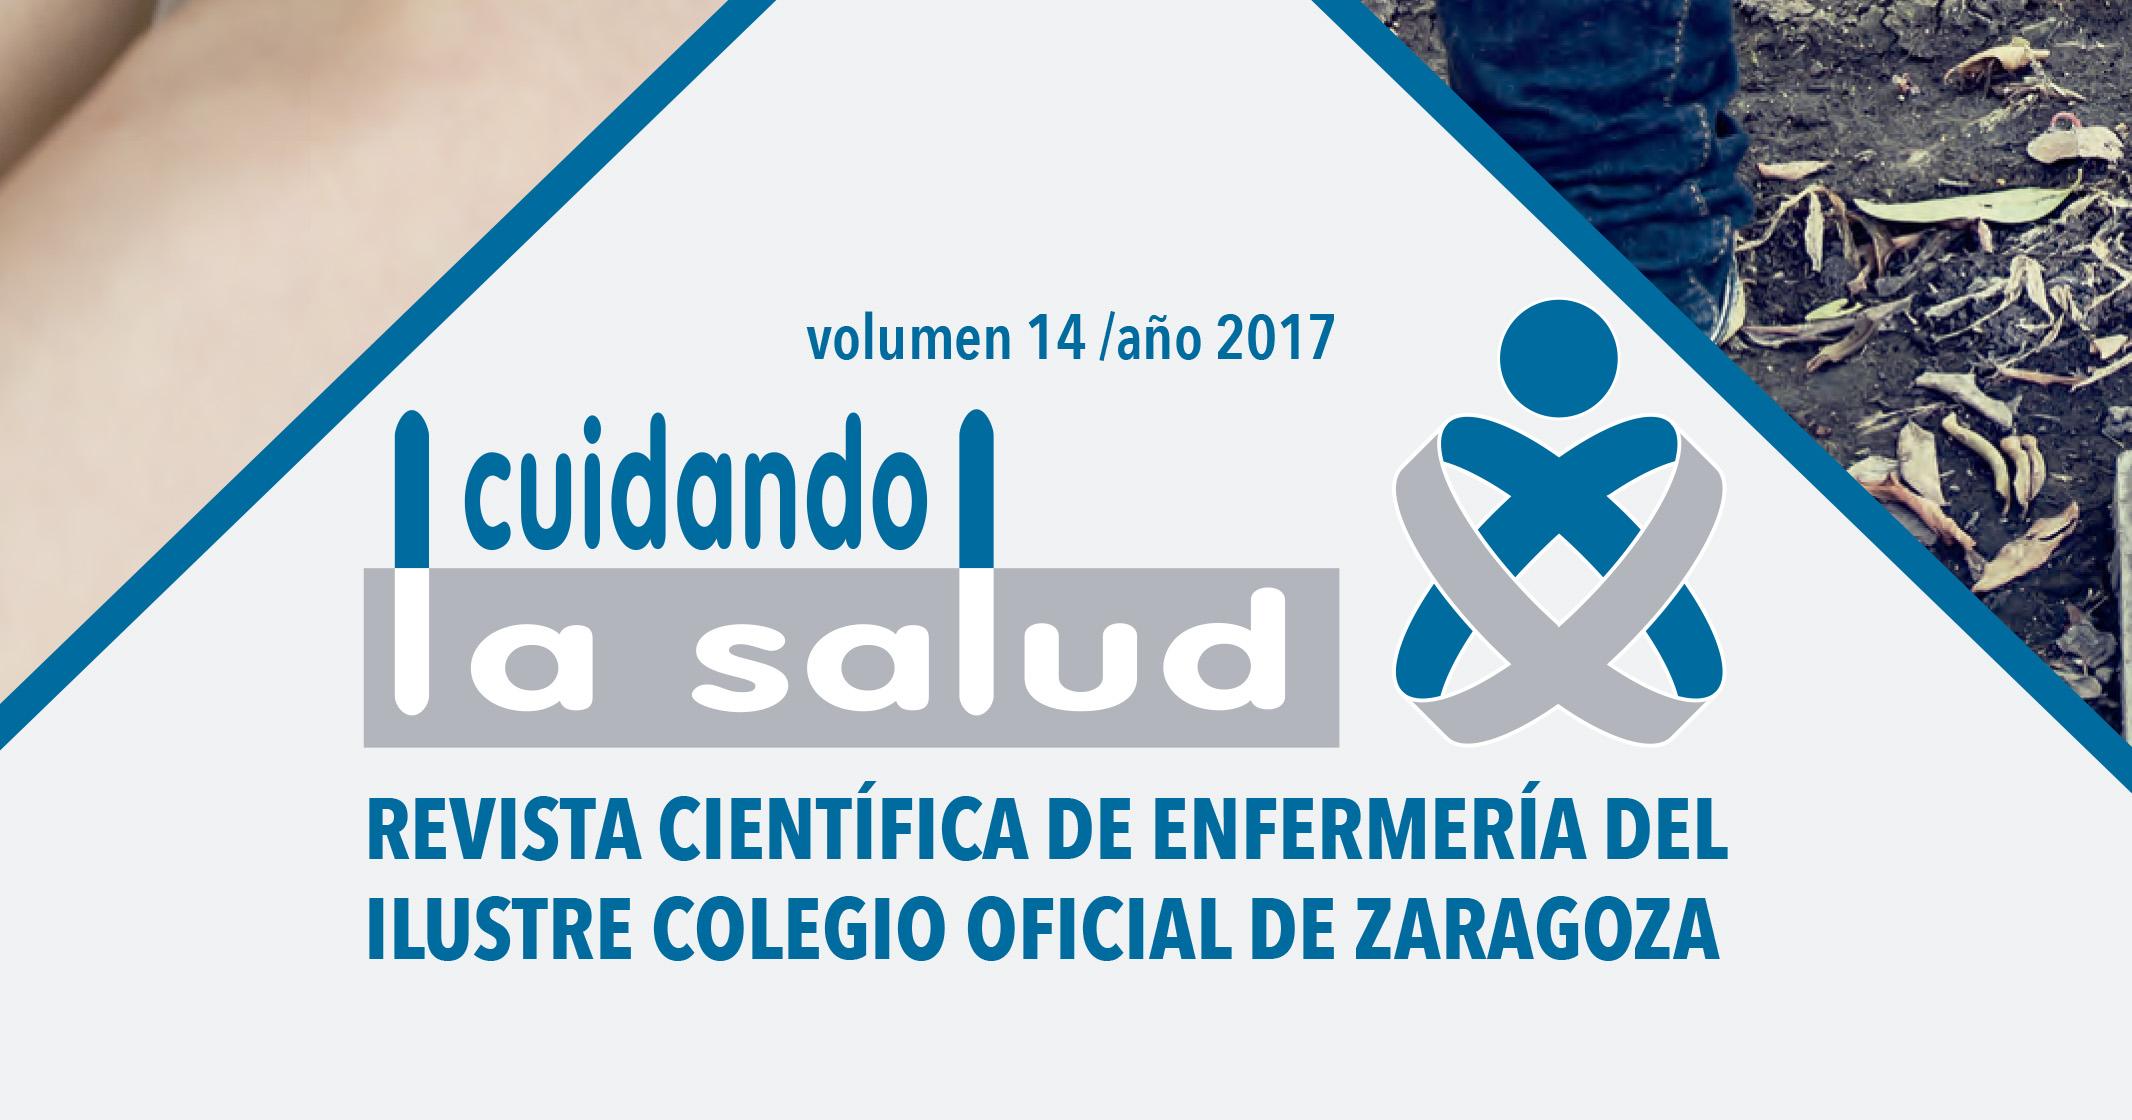 Enfermeros de toda España podrán publicar trabajos científicos en <i>Cuidando la Salud</i>